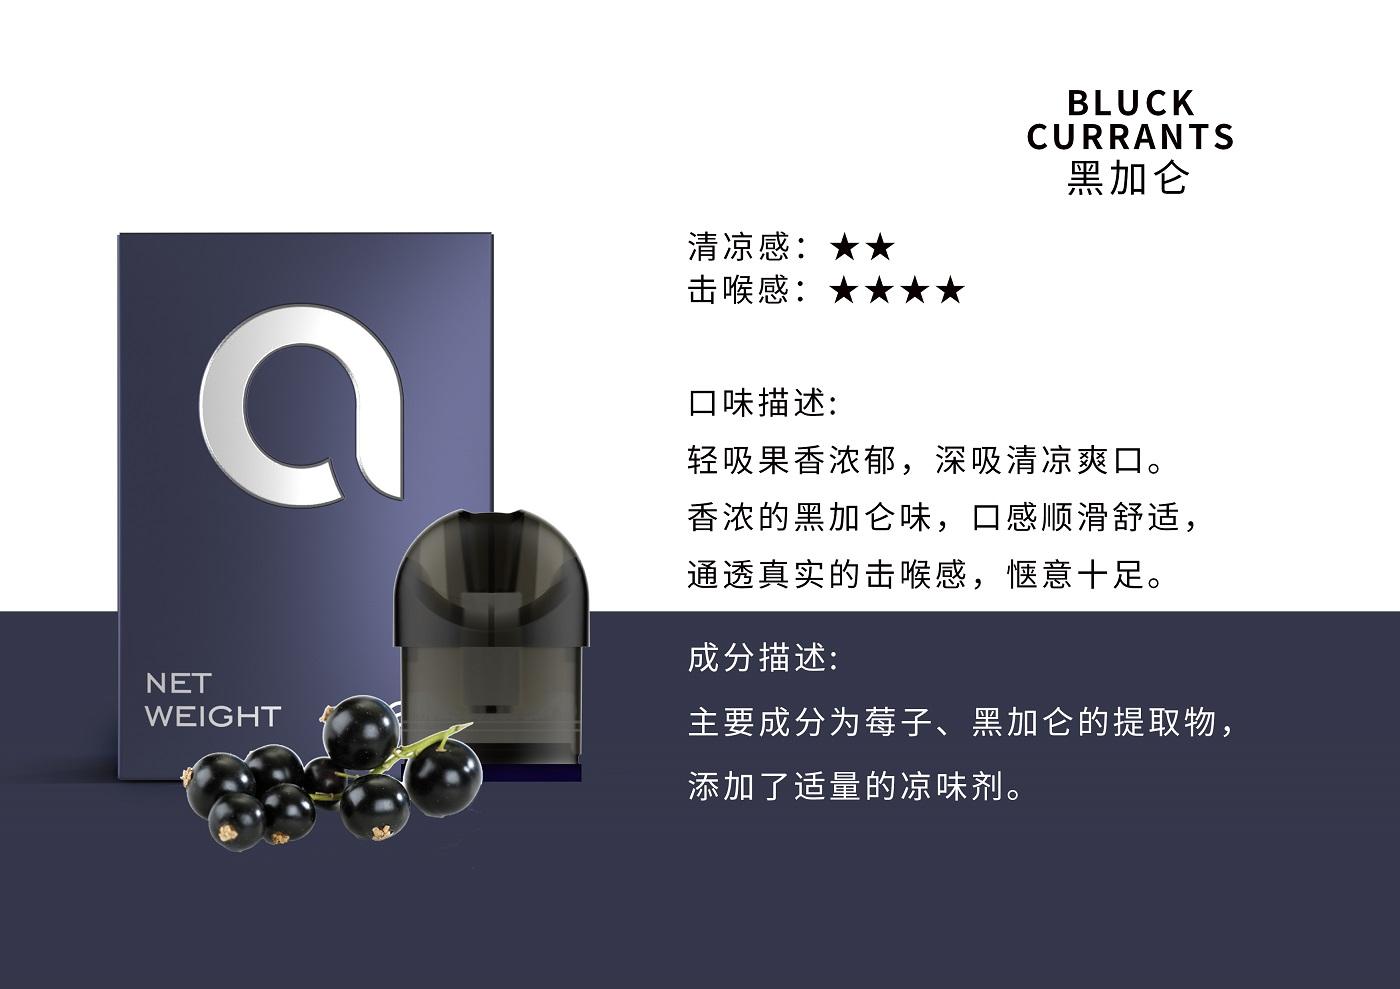 黑加侖c.jpg